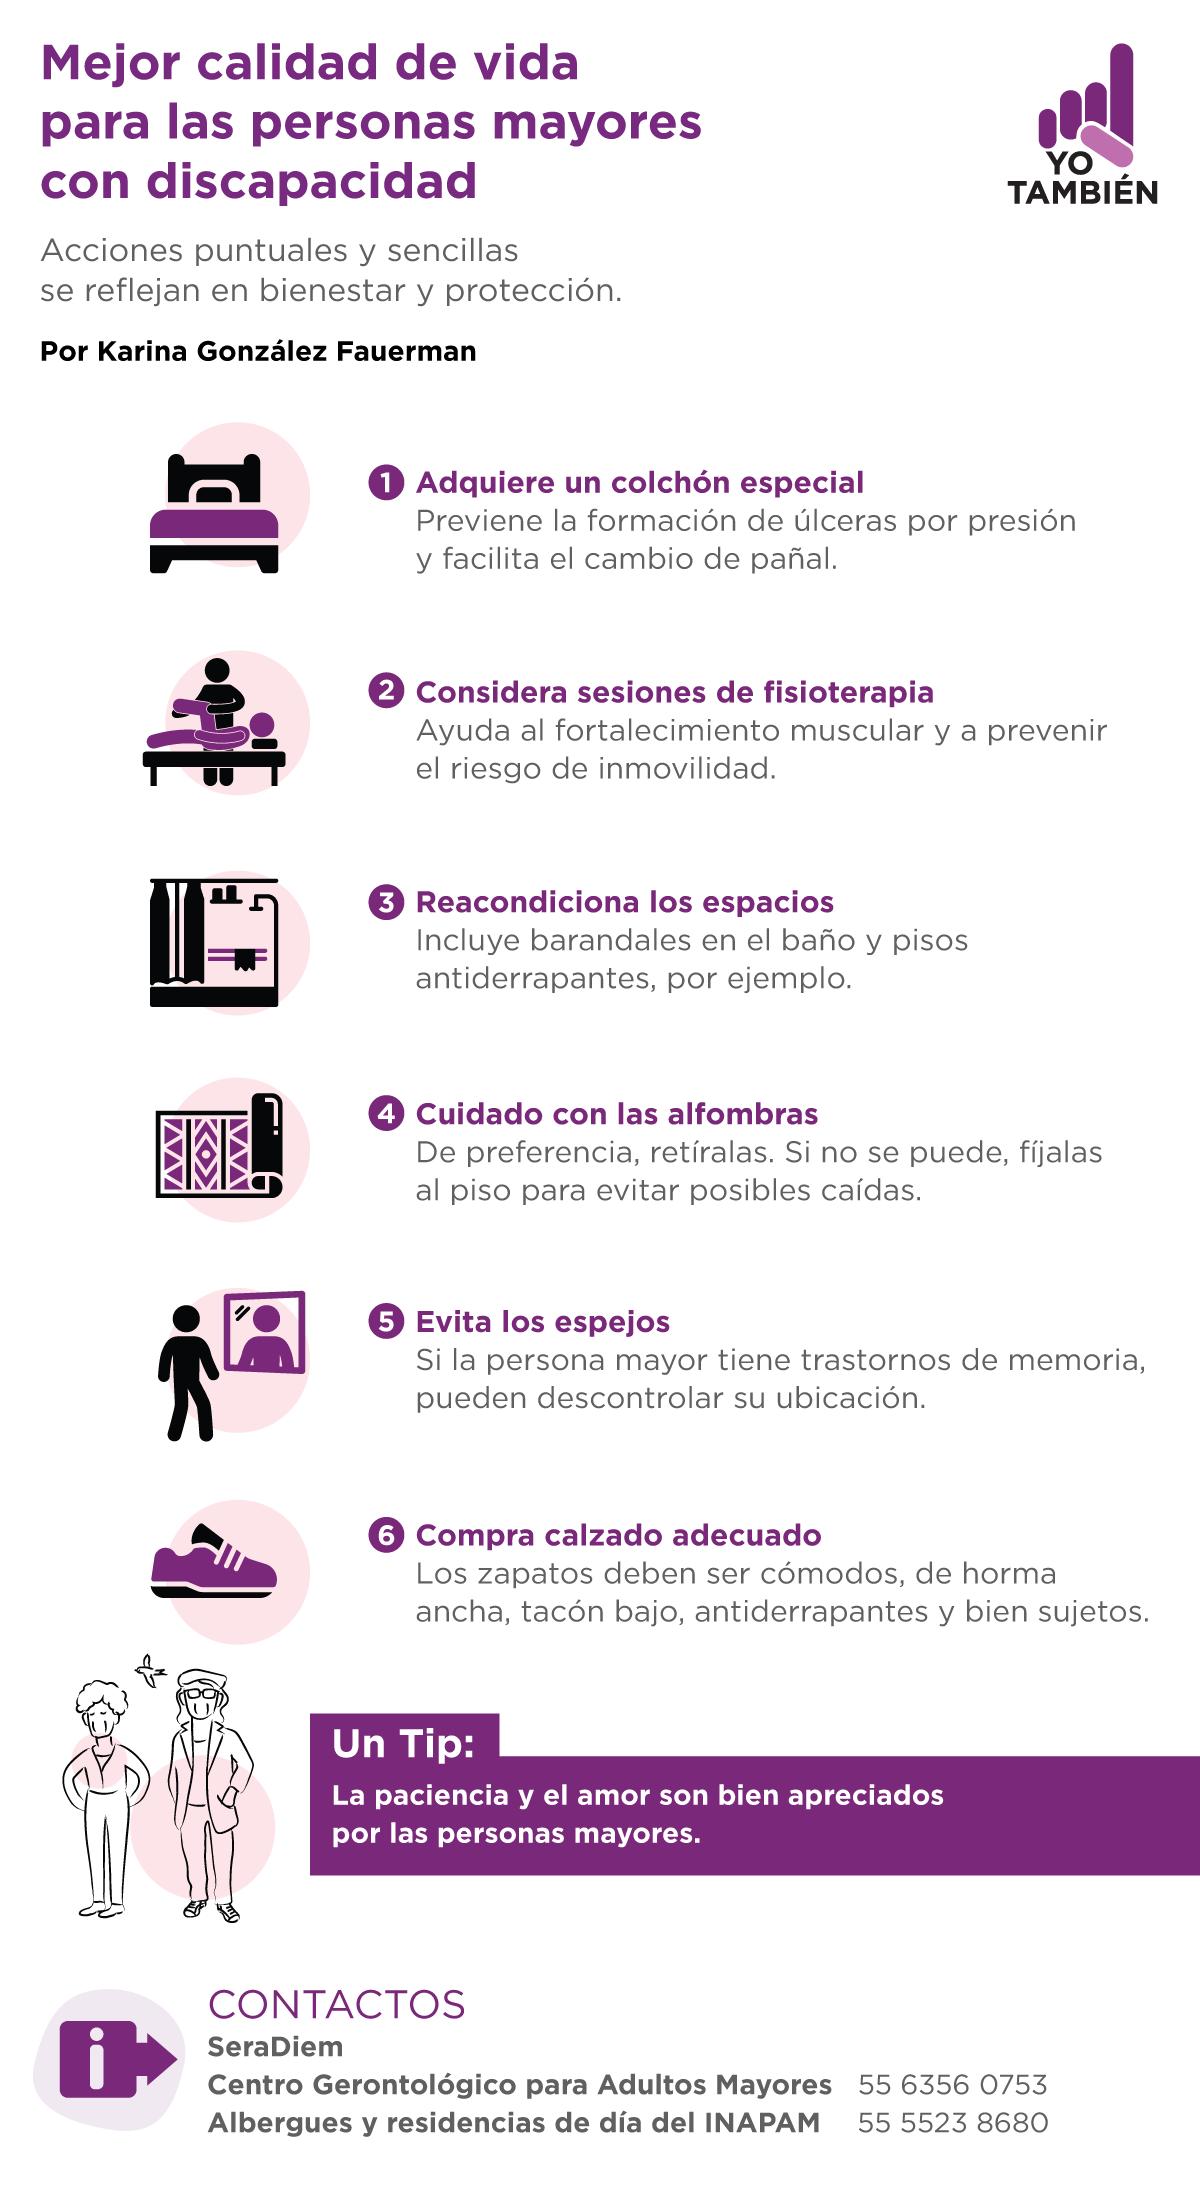 Infografía: seis recomendaciones para mejorar la calidad e vida para las personas mayores con discapacidad Por Karina González Fauerman 1. Adquiere un colchón especial. Previene la formación de úlceras por presión y facilita el cambio de pañal. 2. Considera sesiones de fisioterapia. Ayuda al fortalecimiento muscular y a prevenir el riesgo de inmovilidad. 3. Reacondiciona los espacios. Incluye barandales en el baño y pisos antiderrapantes, por ejemplo. 4. Cuidado con las alfombras. De preferencia, retíralas. Si no se puede, fíjalas al piso para evitar posibles caídas. 5. Evita los espejos. Si la persona mayor tiene trastornos de memoria, pueden descontrolar su ubicación. 6. Compra calzado adecuado. Los zapatos deben ser cómodos, de horma ancha, tacón bajo, antiderrapantes y bien sujetos. Un Tip: La paciencia y el amor son bien apreciados por las personas mayores. Contactos: SeraDiem Centro Gerontológico para Adultos Mayores   55 6356 0753 Albergues y residencias de día del INAPAM    55 5523 8680